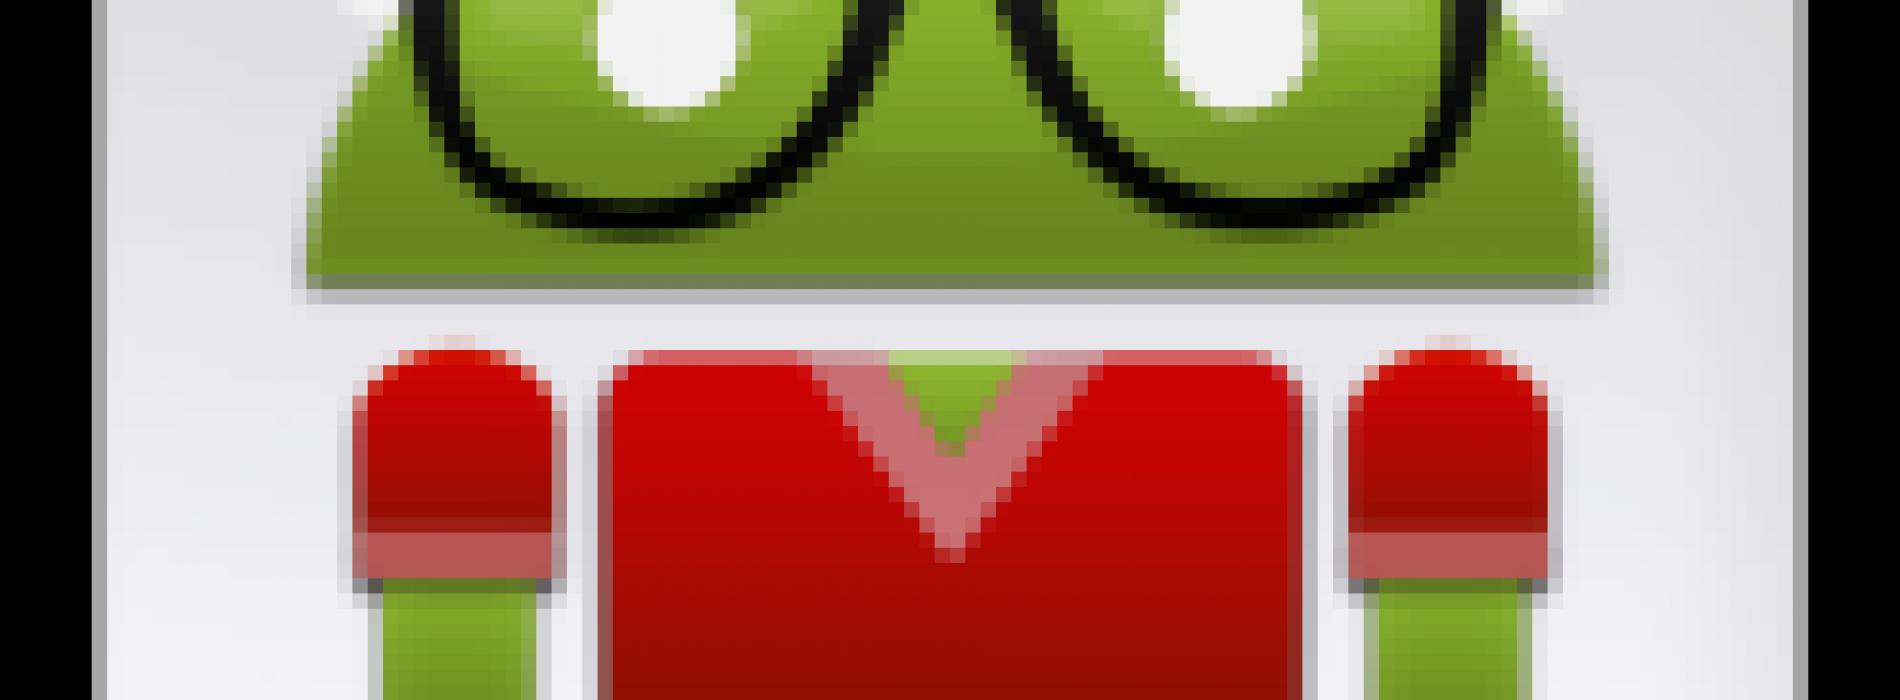 برنامج Androidify صمم شعار الاندرويد على مزاجك ولبسه ملابس على كيفك :d